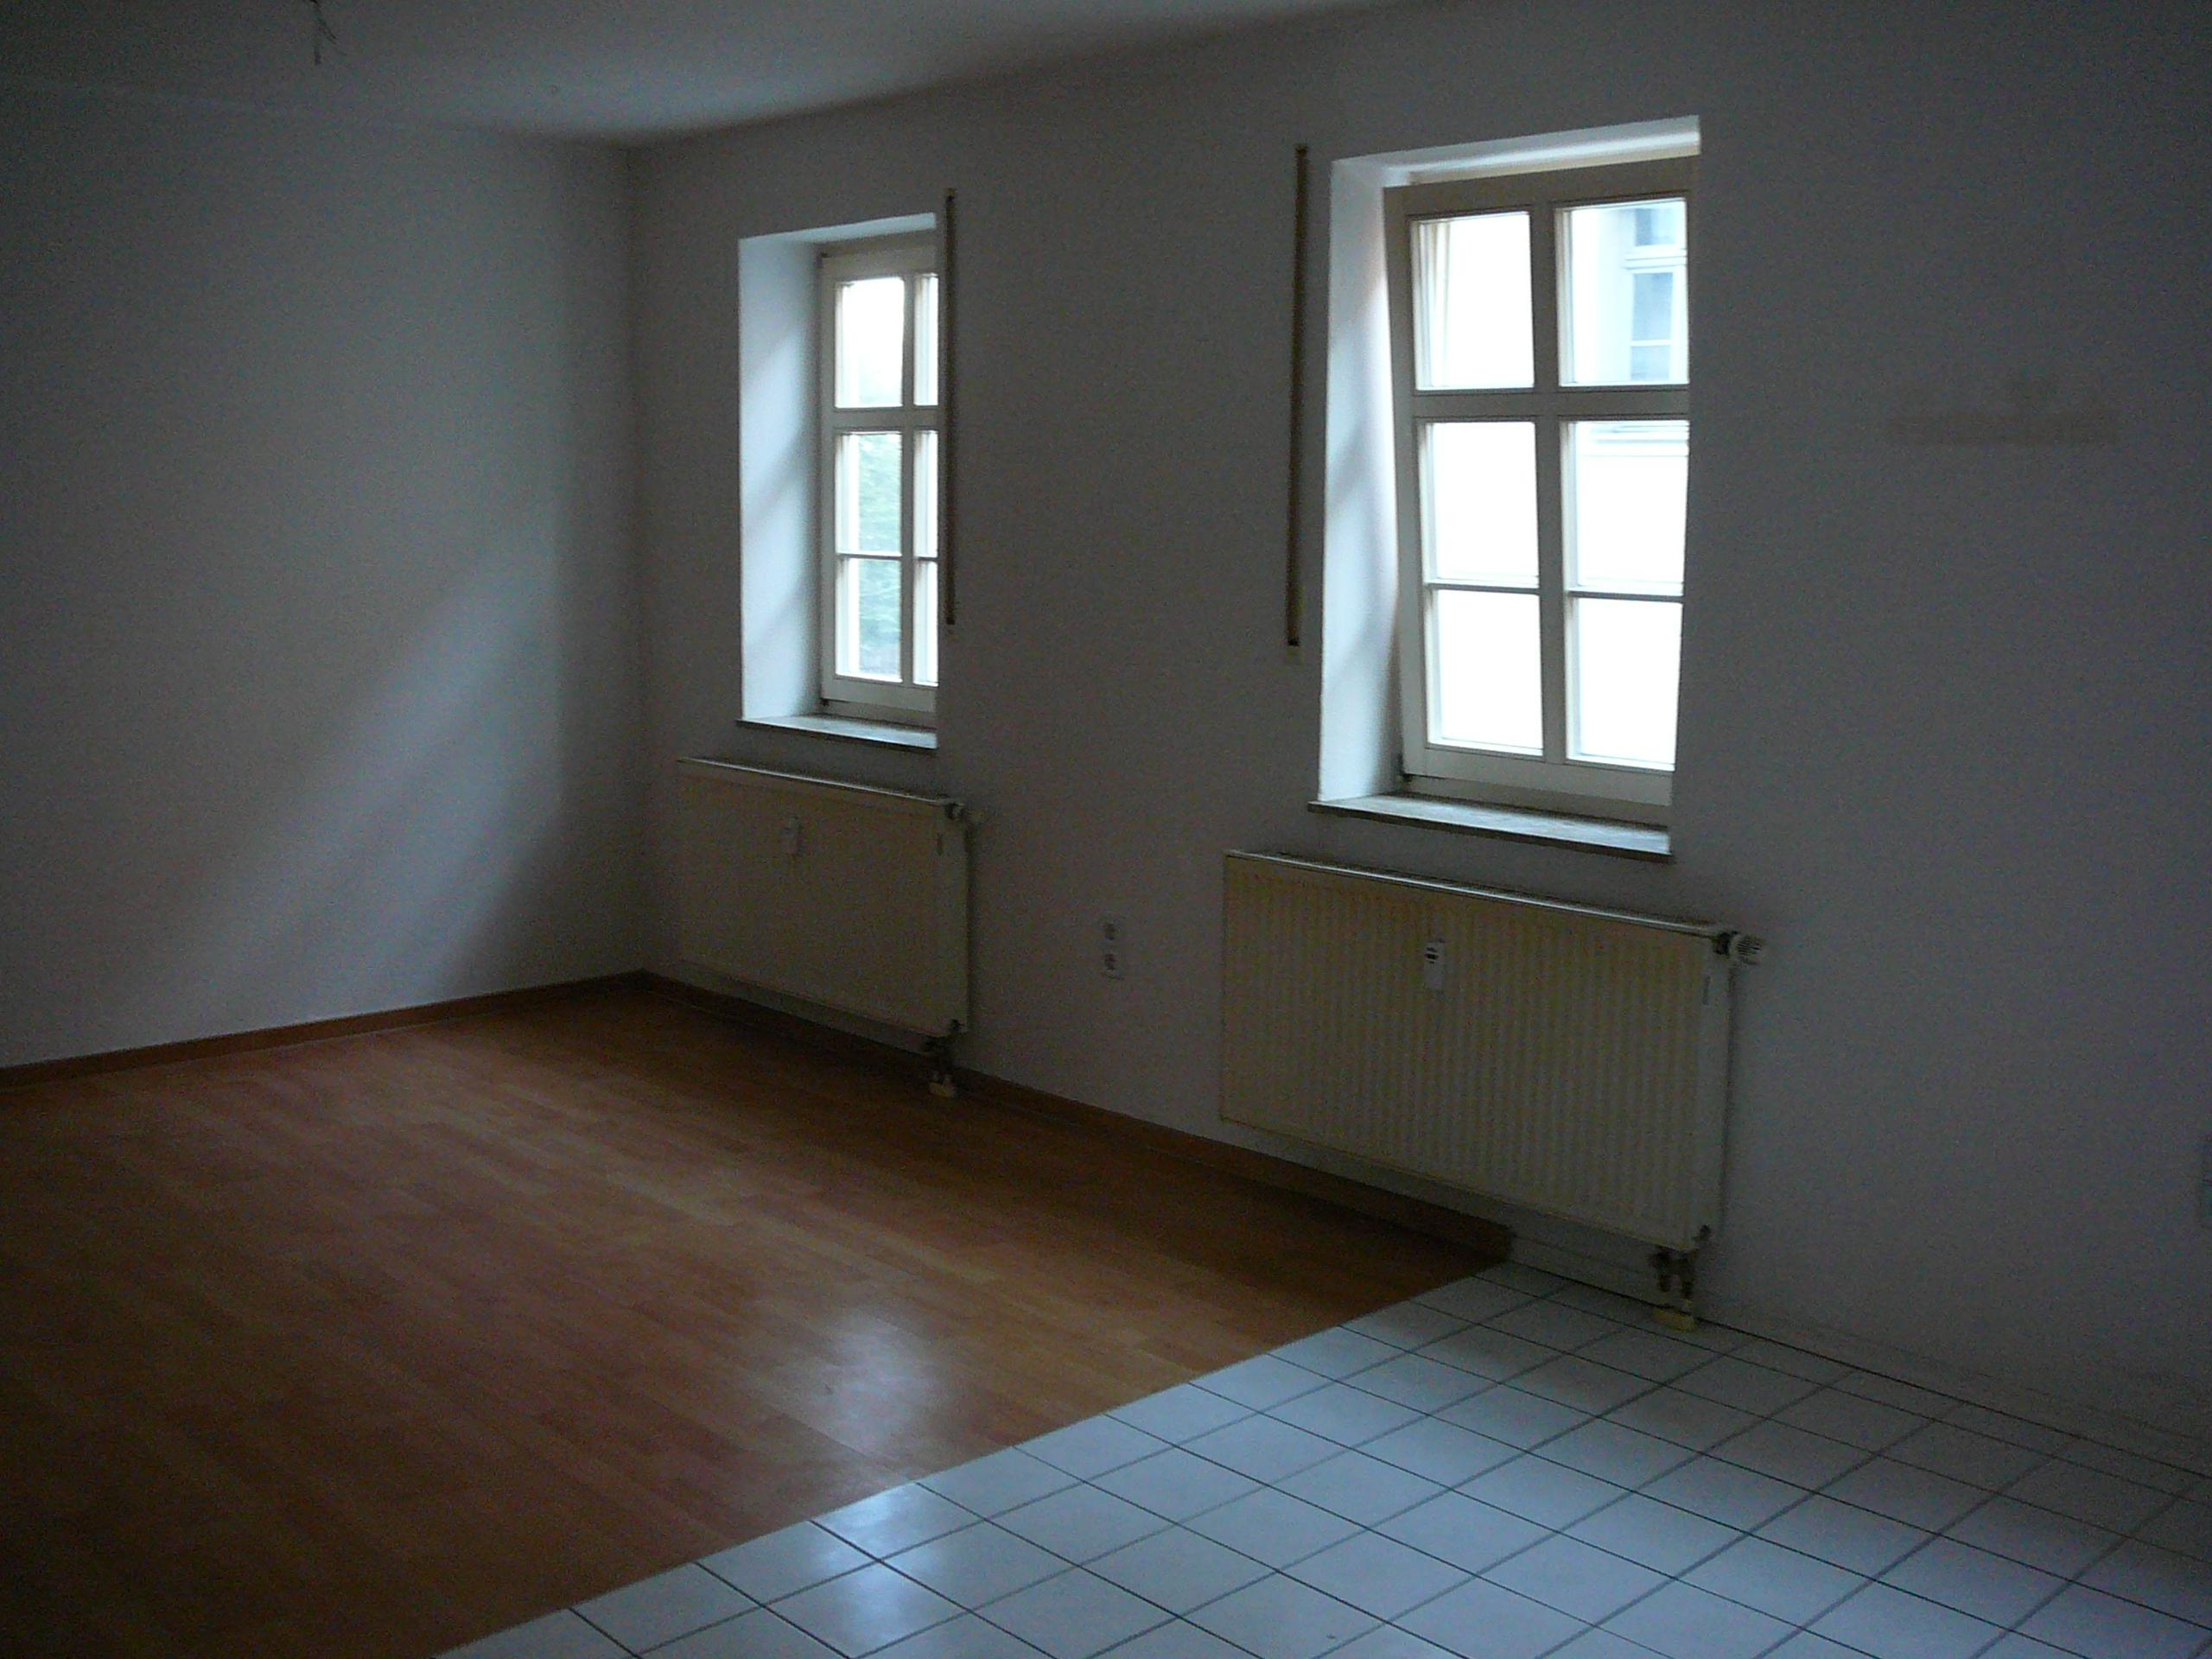 wohnzimmer mit k che kleine k che ma e mietvertrag zur nutzung berlassen l ndlich modern. Black Bedroom Furniture Sets. Home Design Ideas